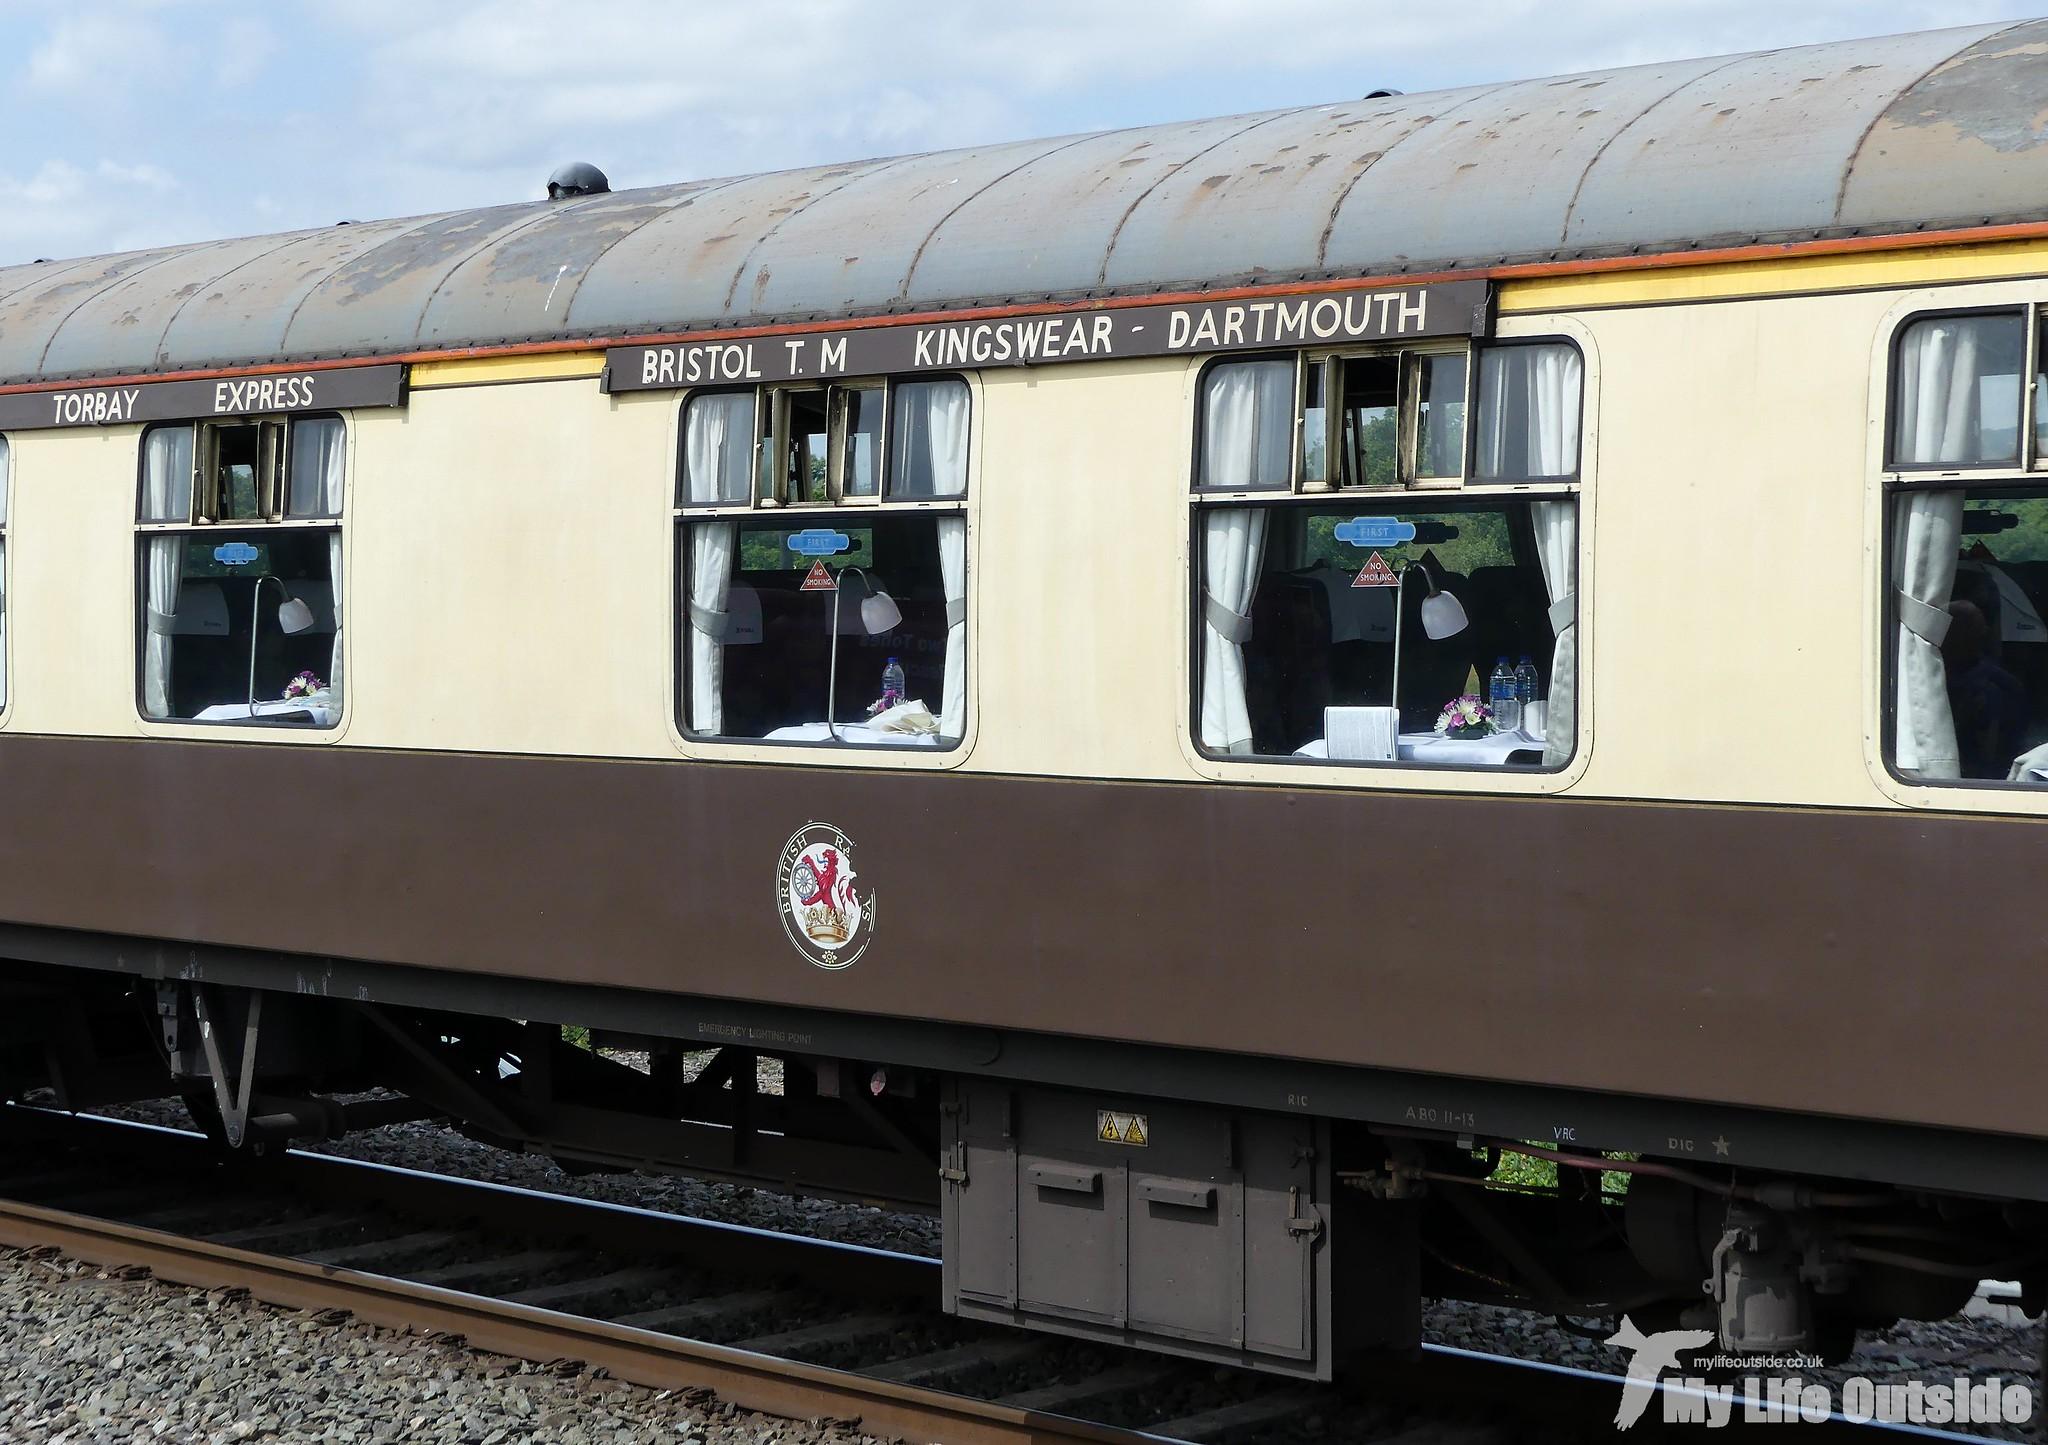 P1210185 - Pembroke Coast Express